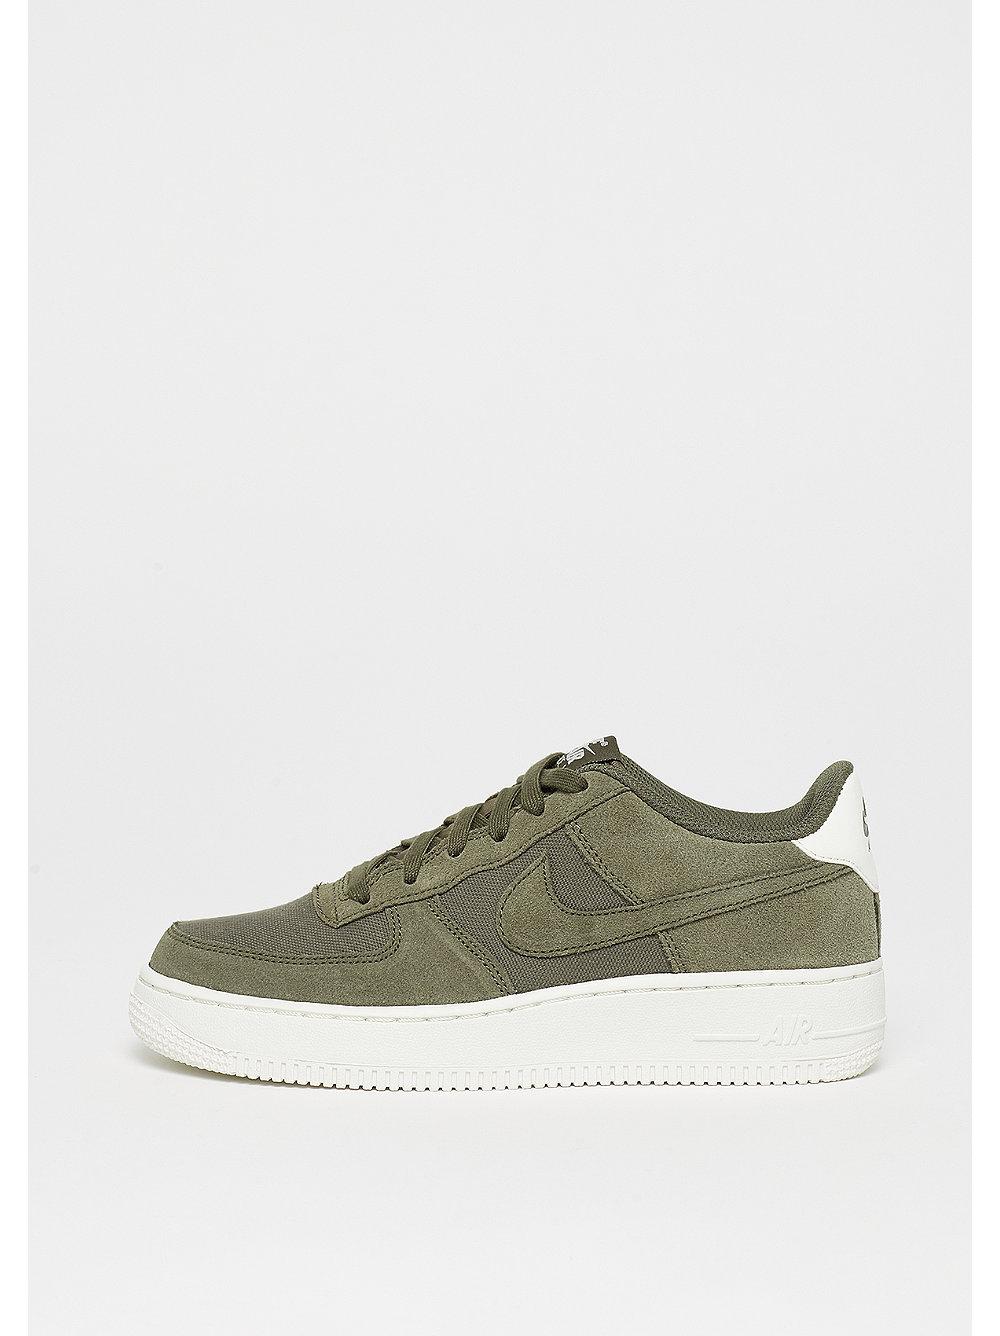 sports shoes 343de 9beac 4a9a6 6f70f  new zealand nike air force 1 medium olive medium olive sail  2de64 041ec